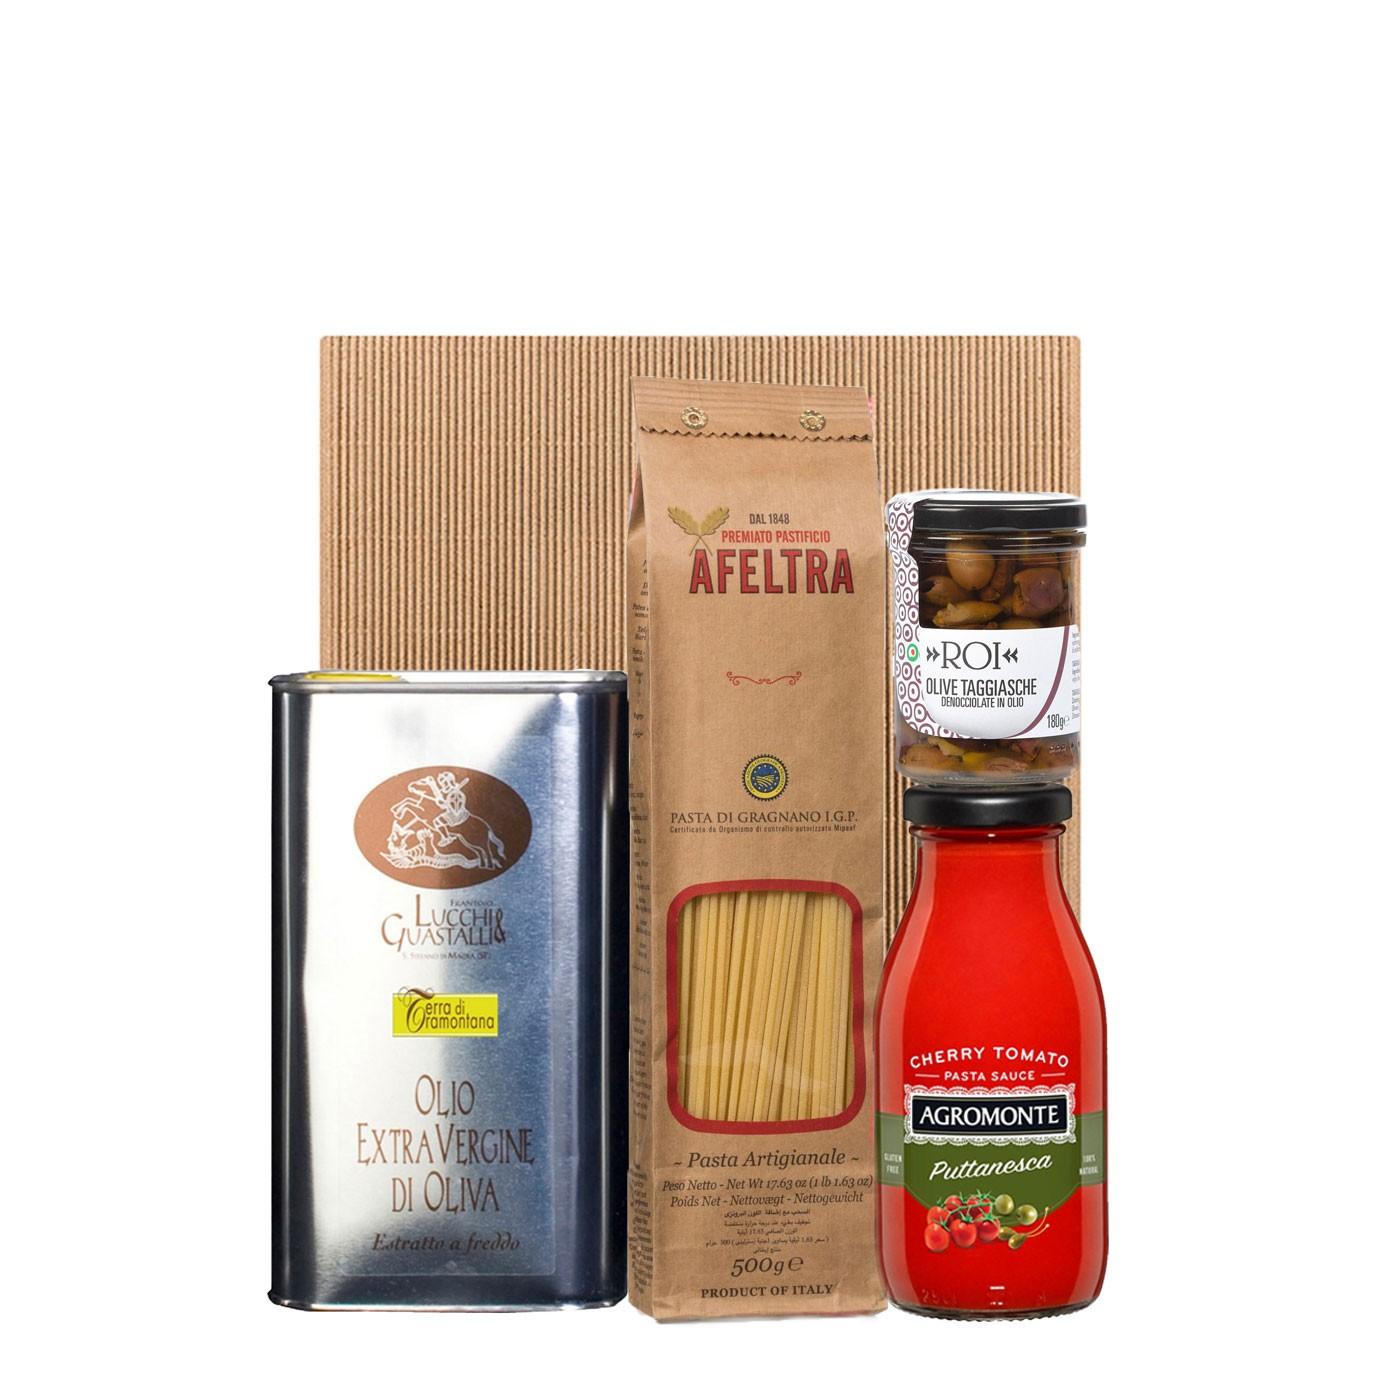 Spaghettone alla Puttanesca